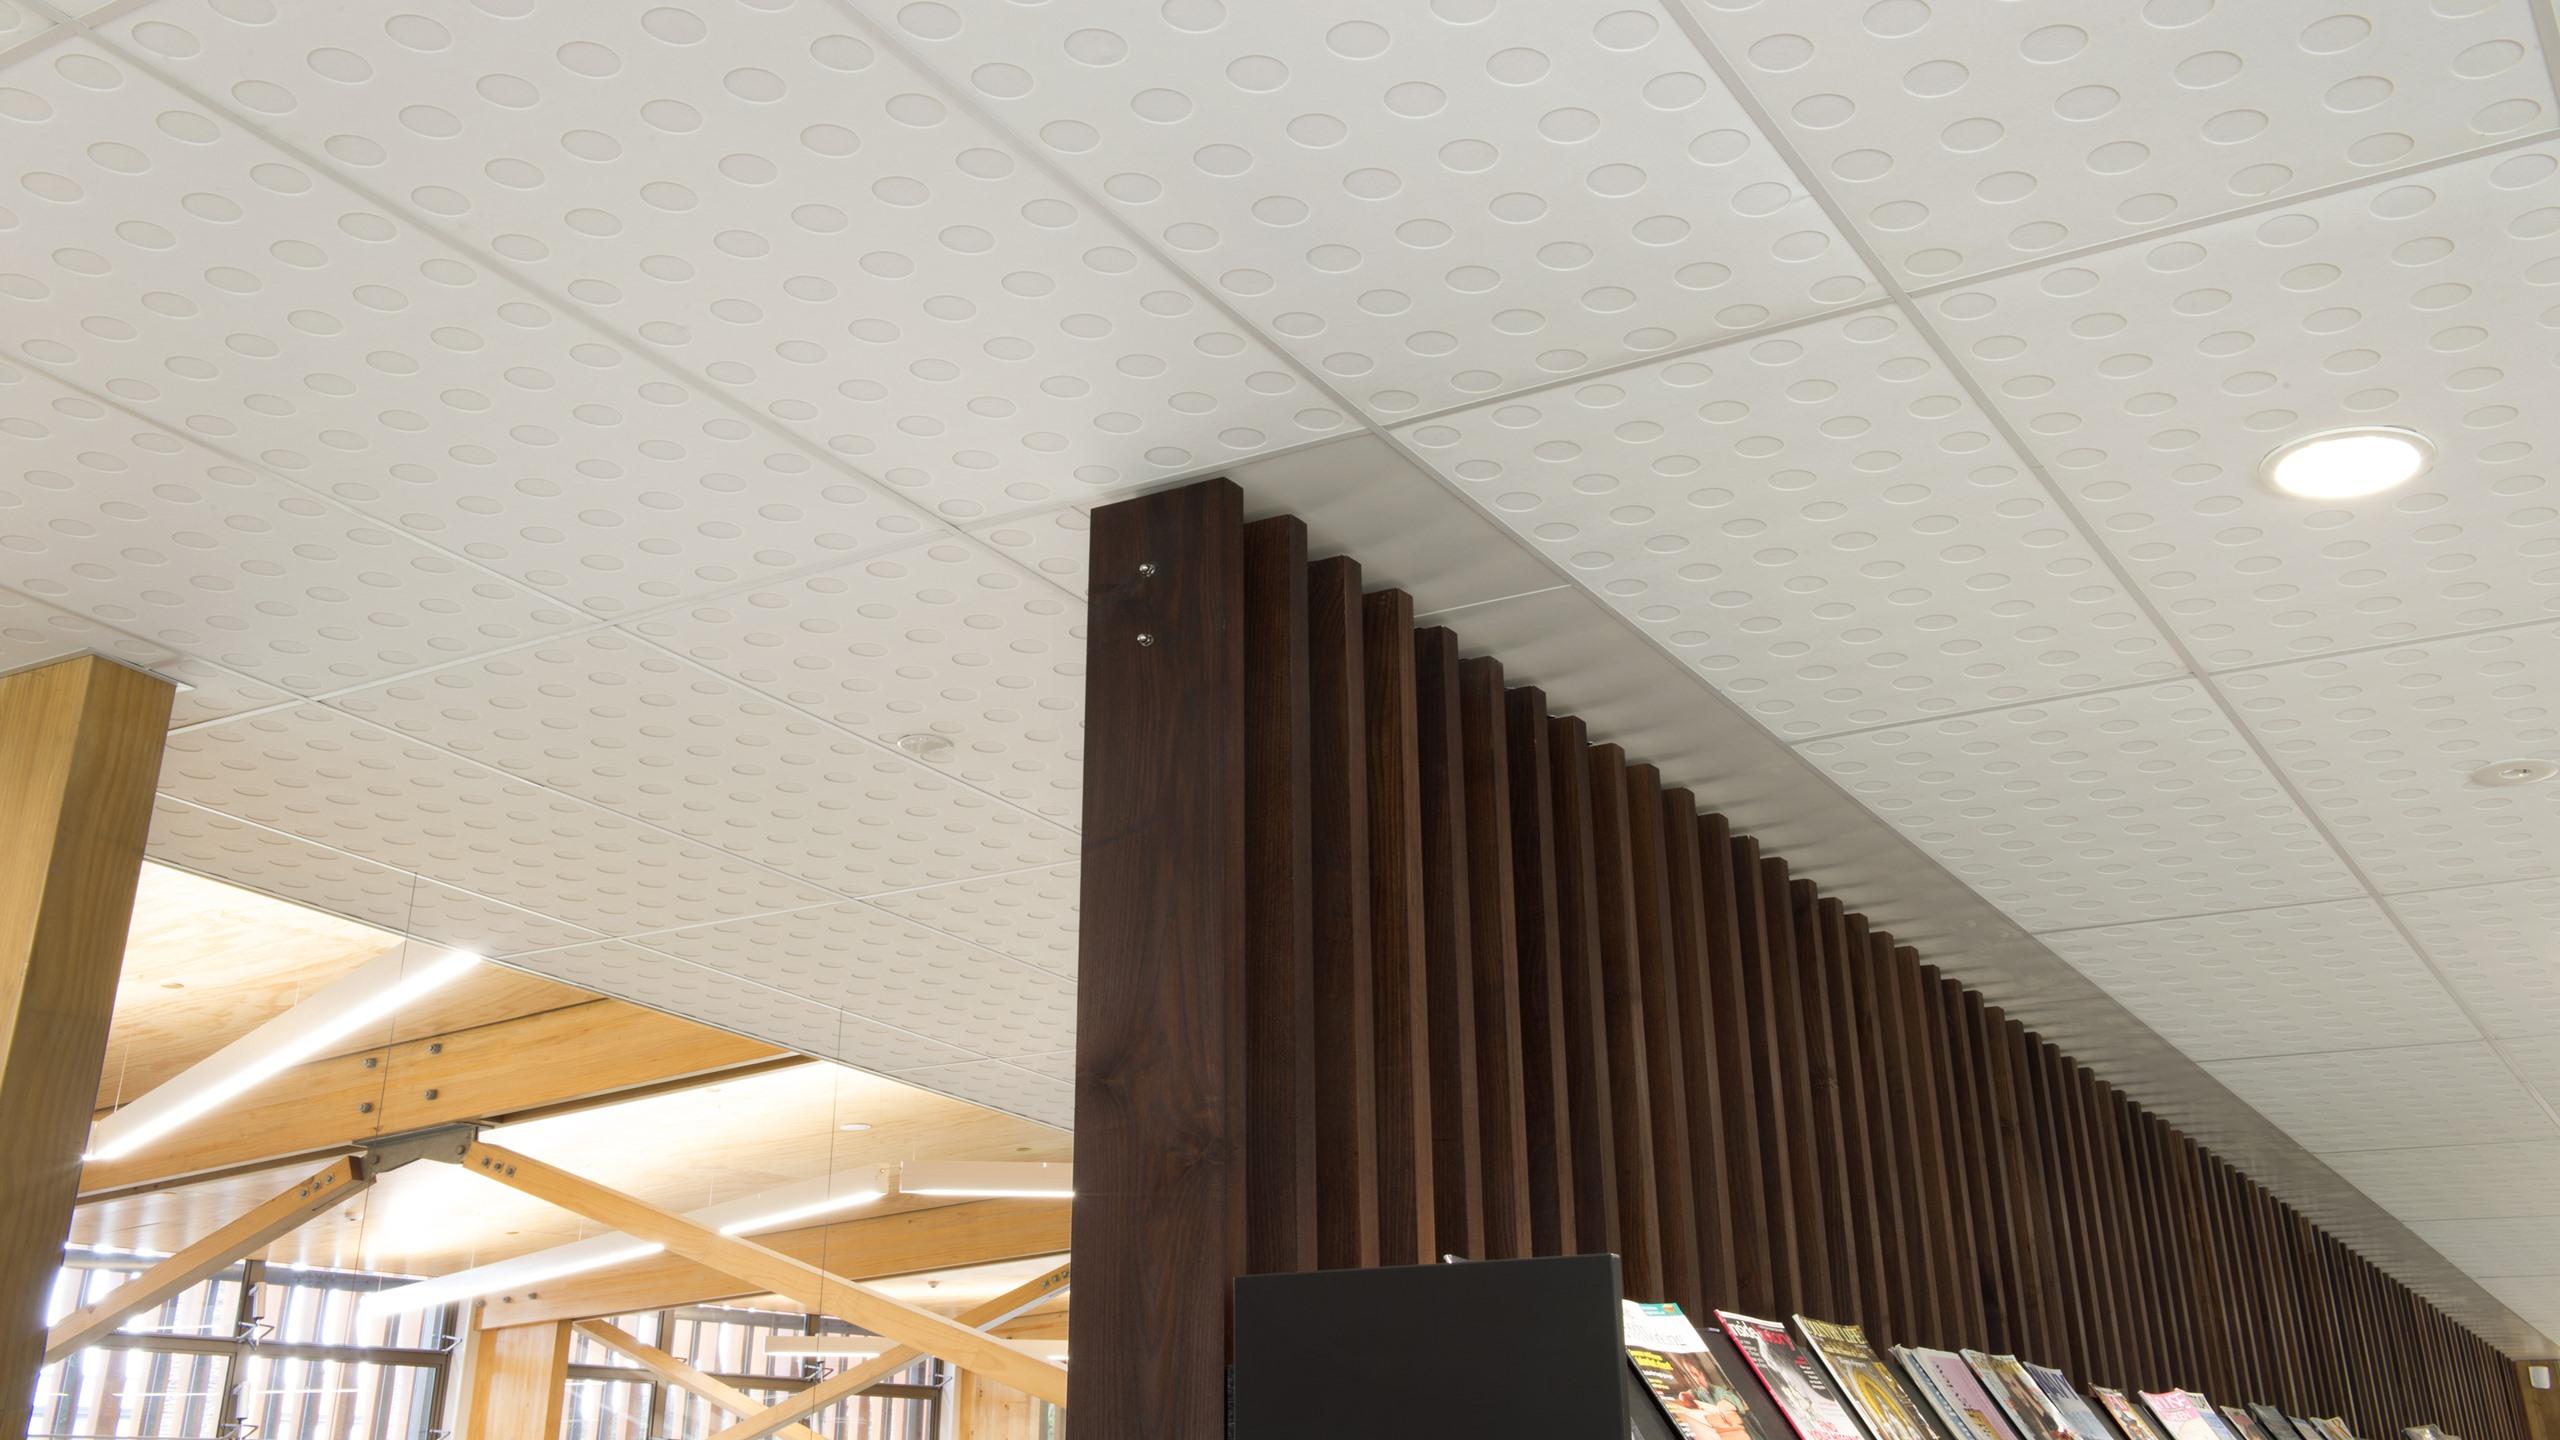 Devonport Library - Sonaris Ceiling Tiles